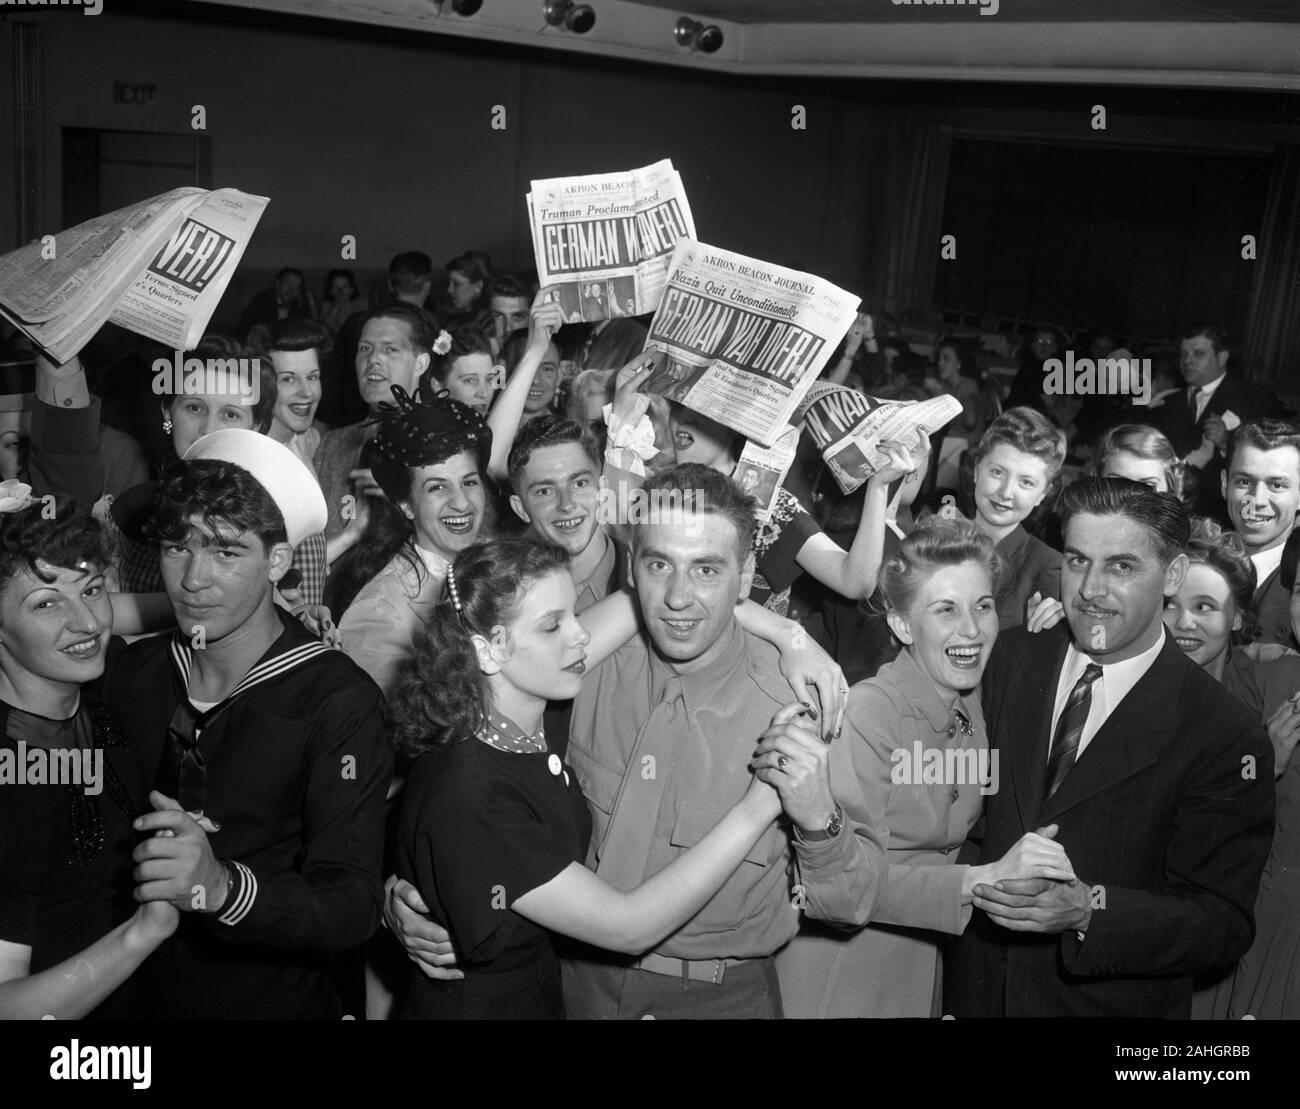 Servicement et d'autres célèbrent la capitulation de l'Allemagne pendant la Seconde Guerre mondiale, à Akron dans l'Ohio le 7 mai 1945 Banque D'Images